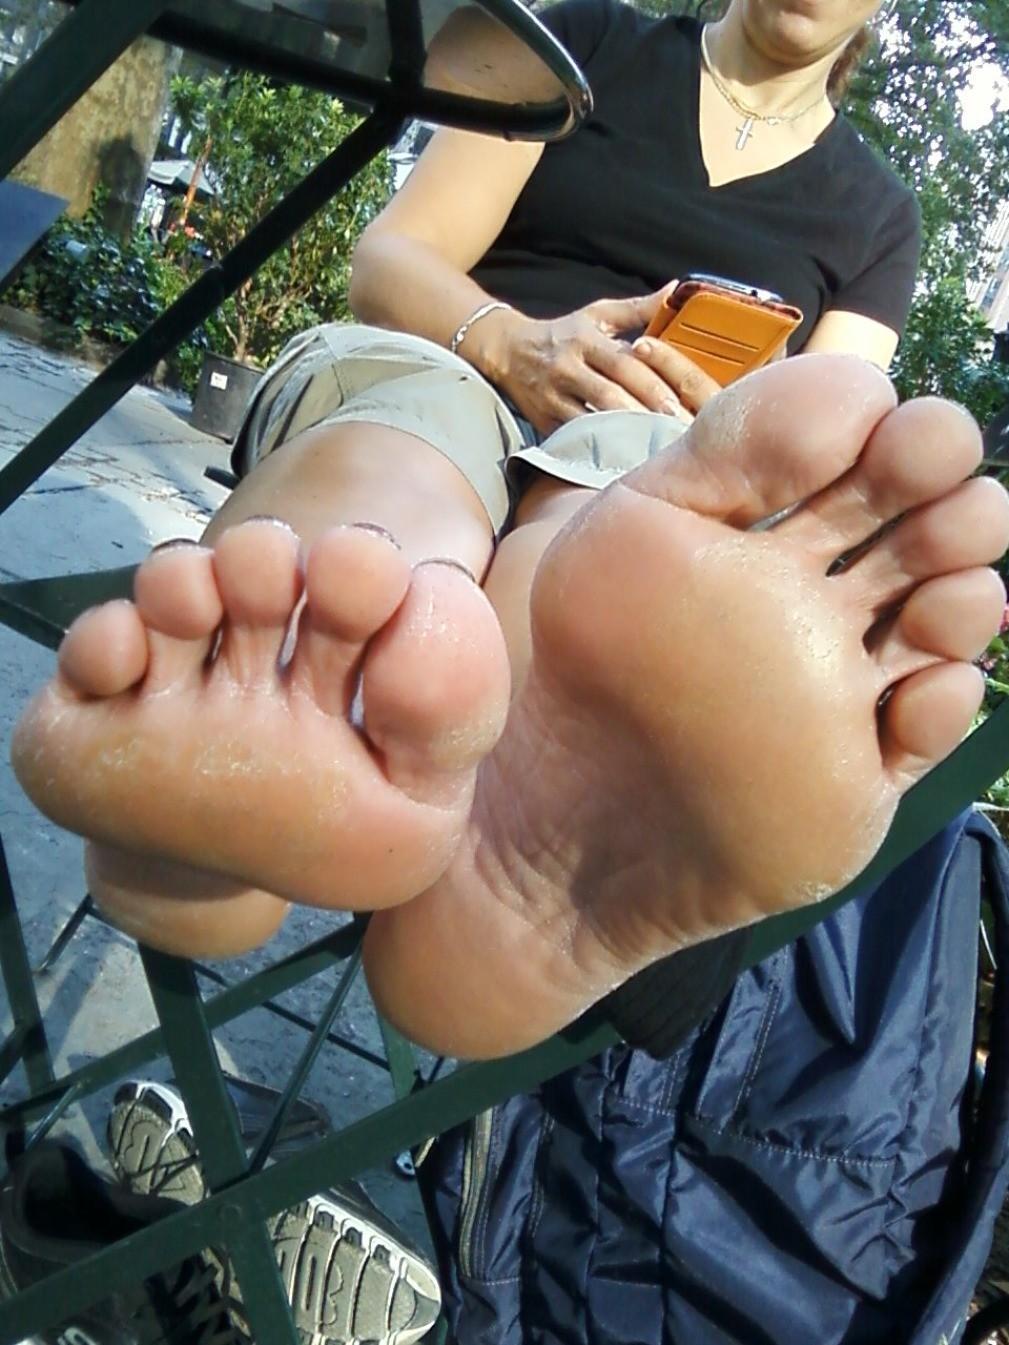 Кто хочет понюхать ее ножки?